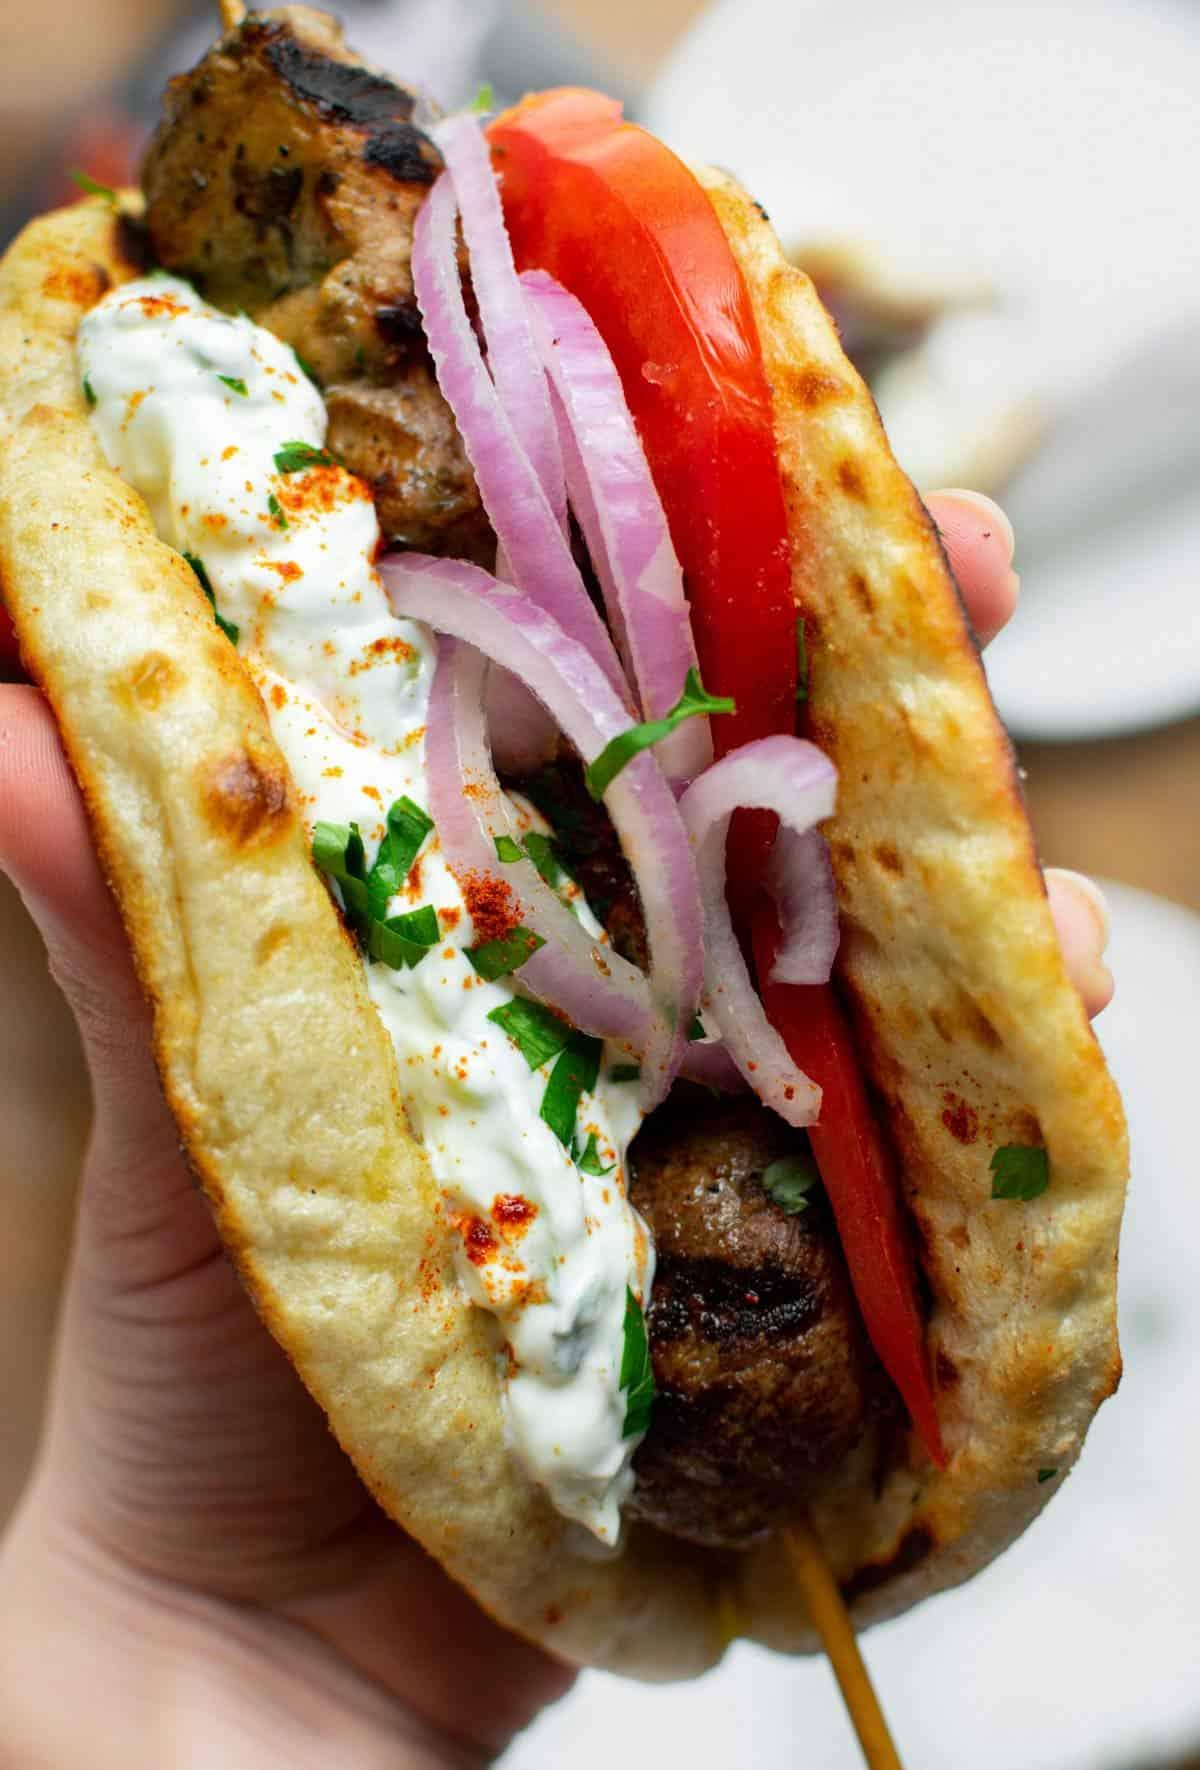 Greek Pork Souvlaki Wraps